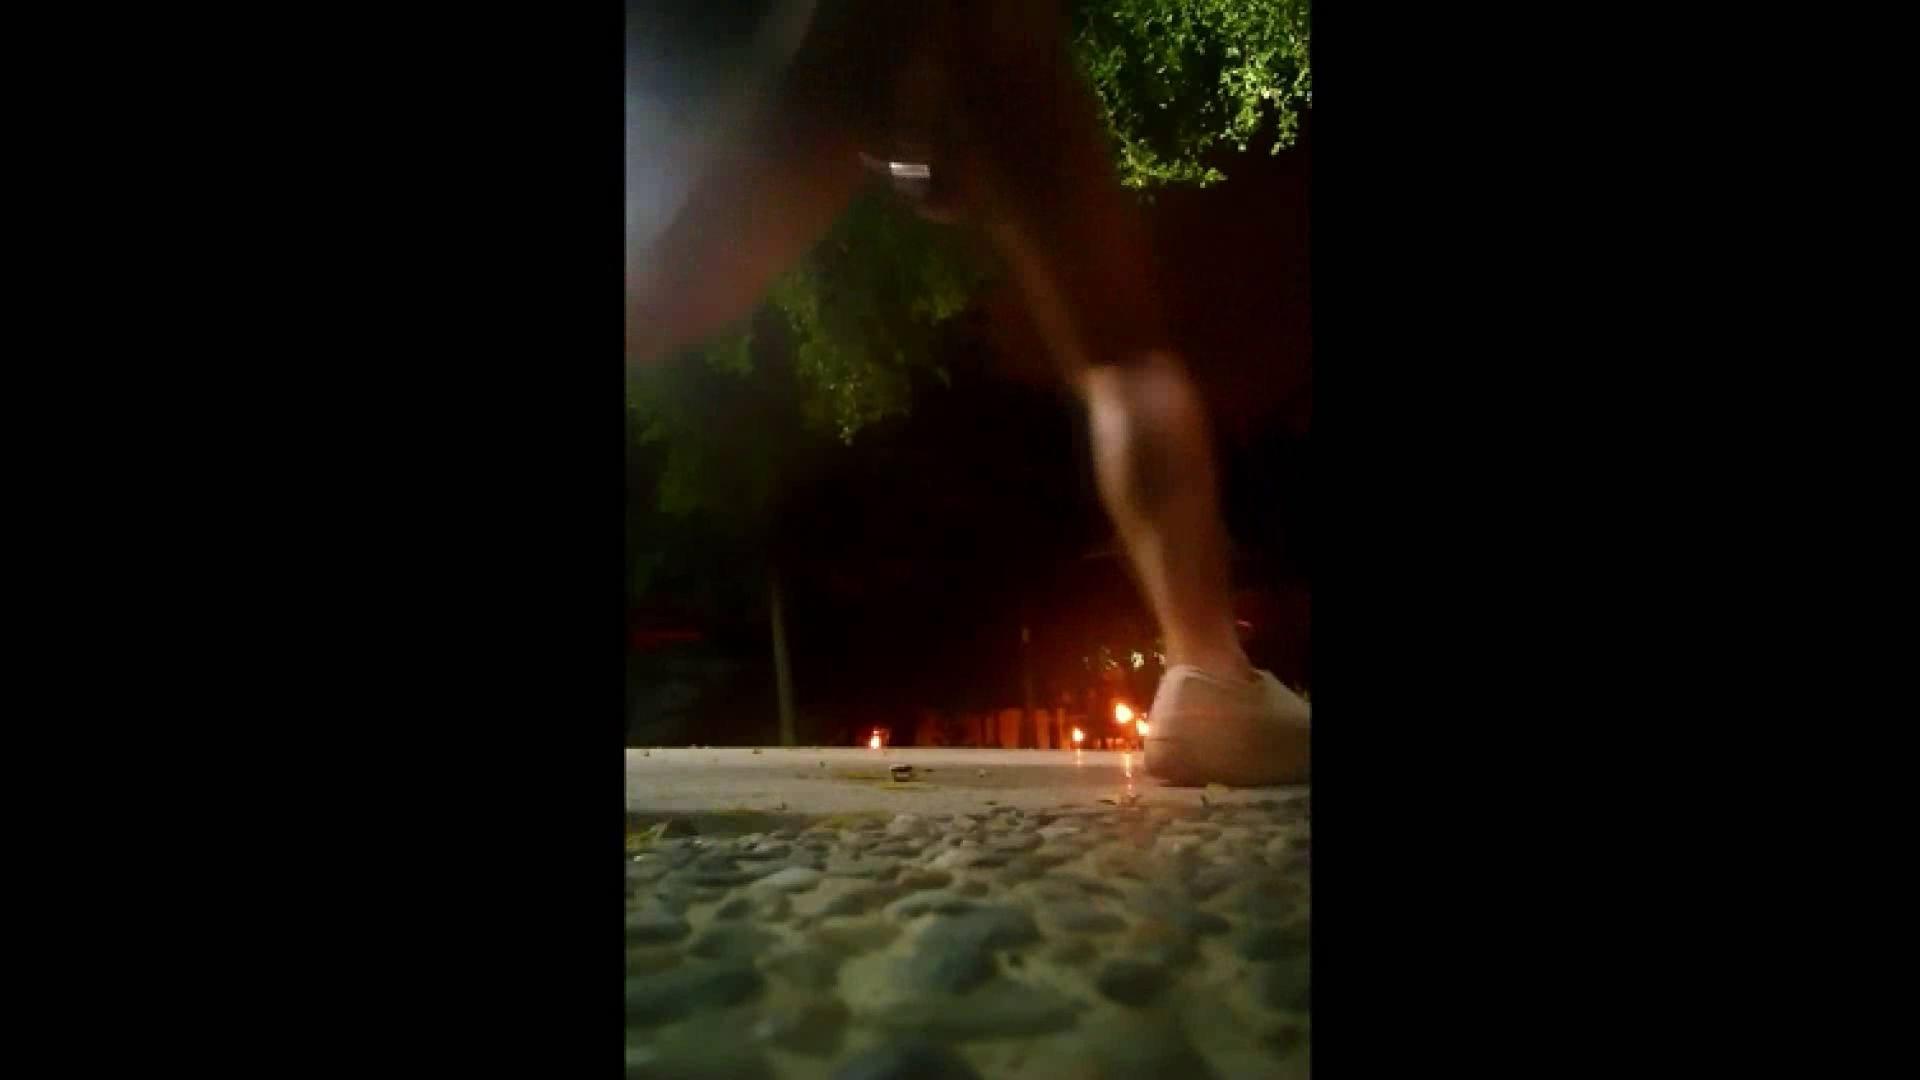 しごくっ!オナFile03 スリム美少年系ジャニ系 ゲイヌード画像 72連発 69